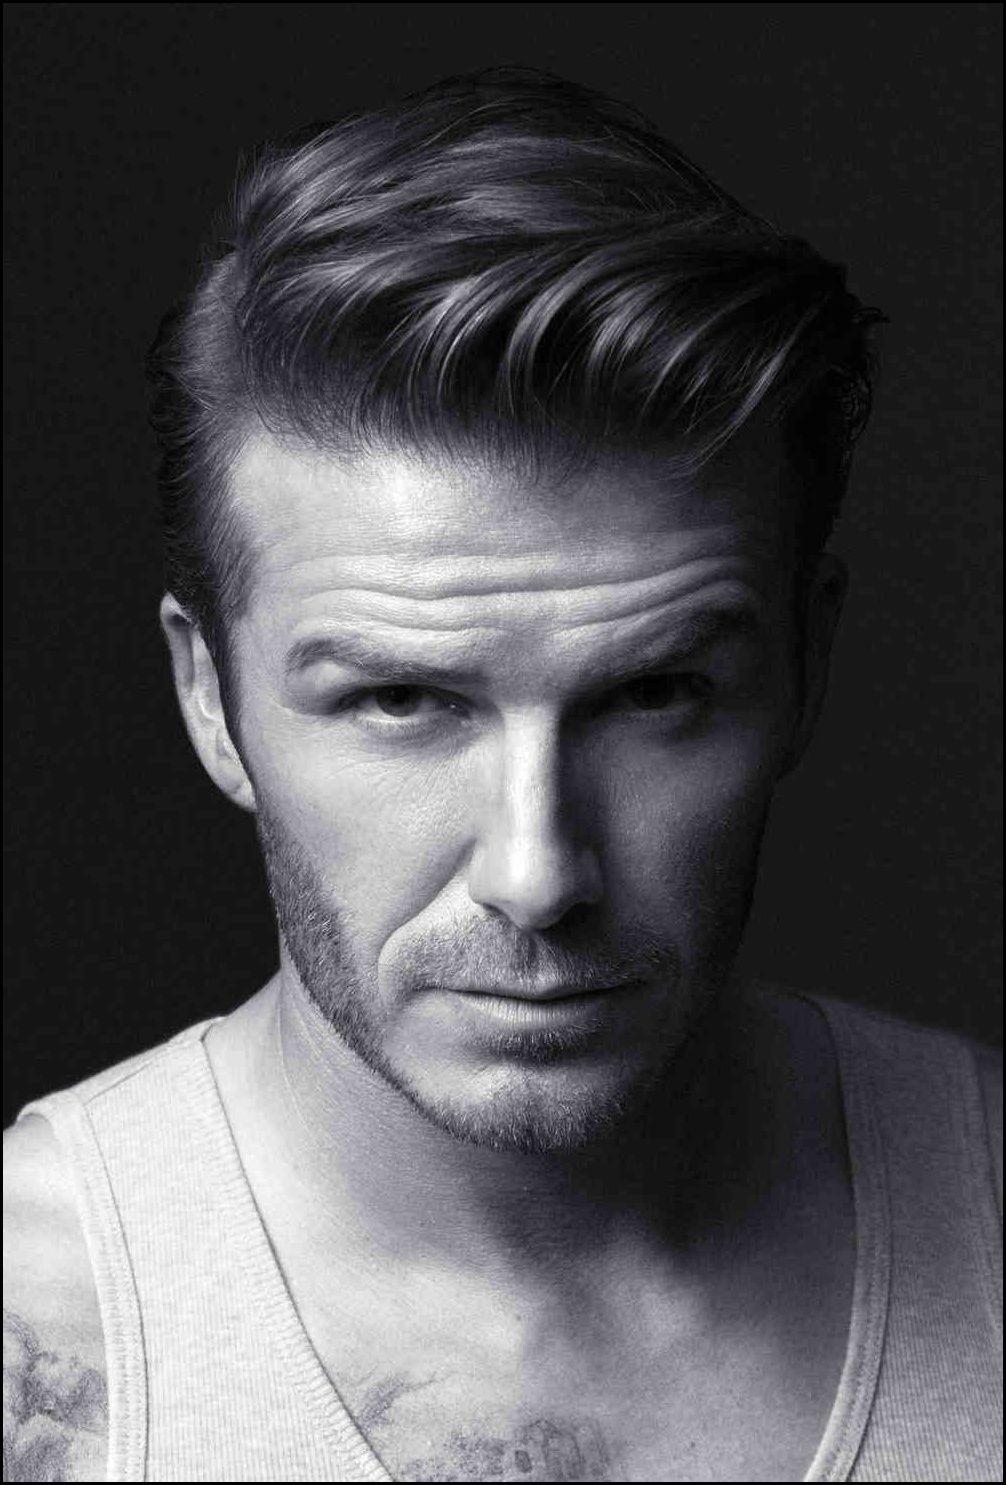 Aktuelle Frisur Von David Beckham Stilvolle Frisur Website Foto